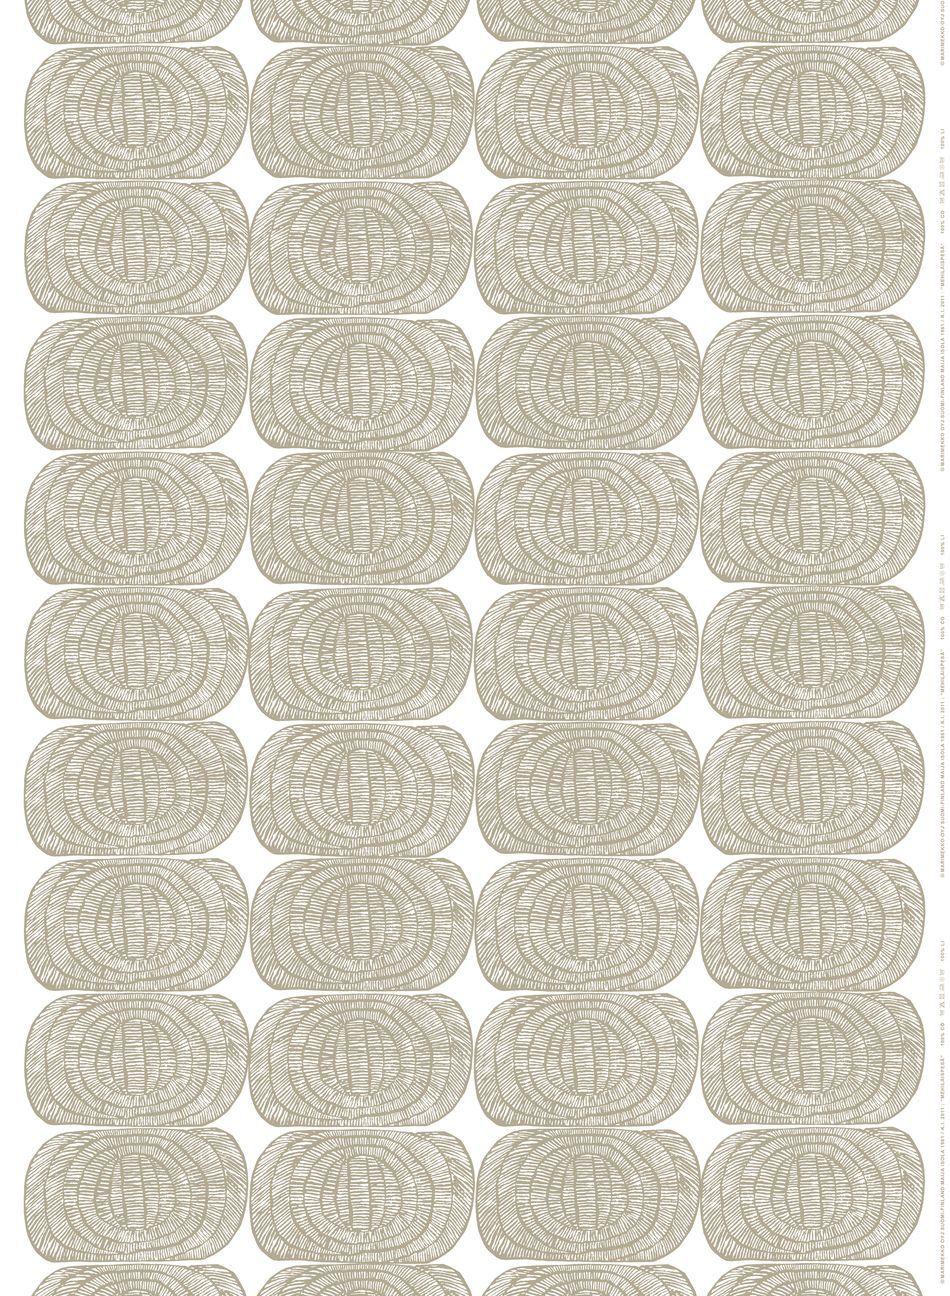 Mehiläispesä-kangas (valkoinen,hopea) |Kankaat, Satiinit ja batistit, Kankaat, Puuvillakankaat | Marimekko